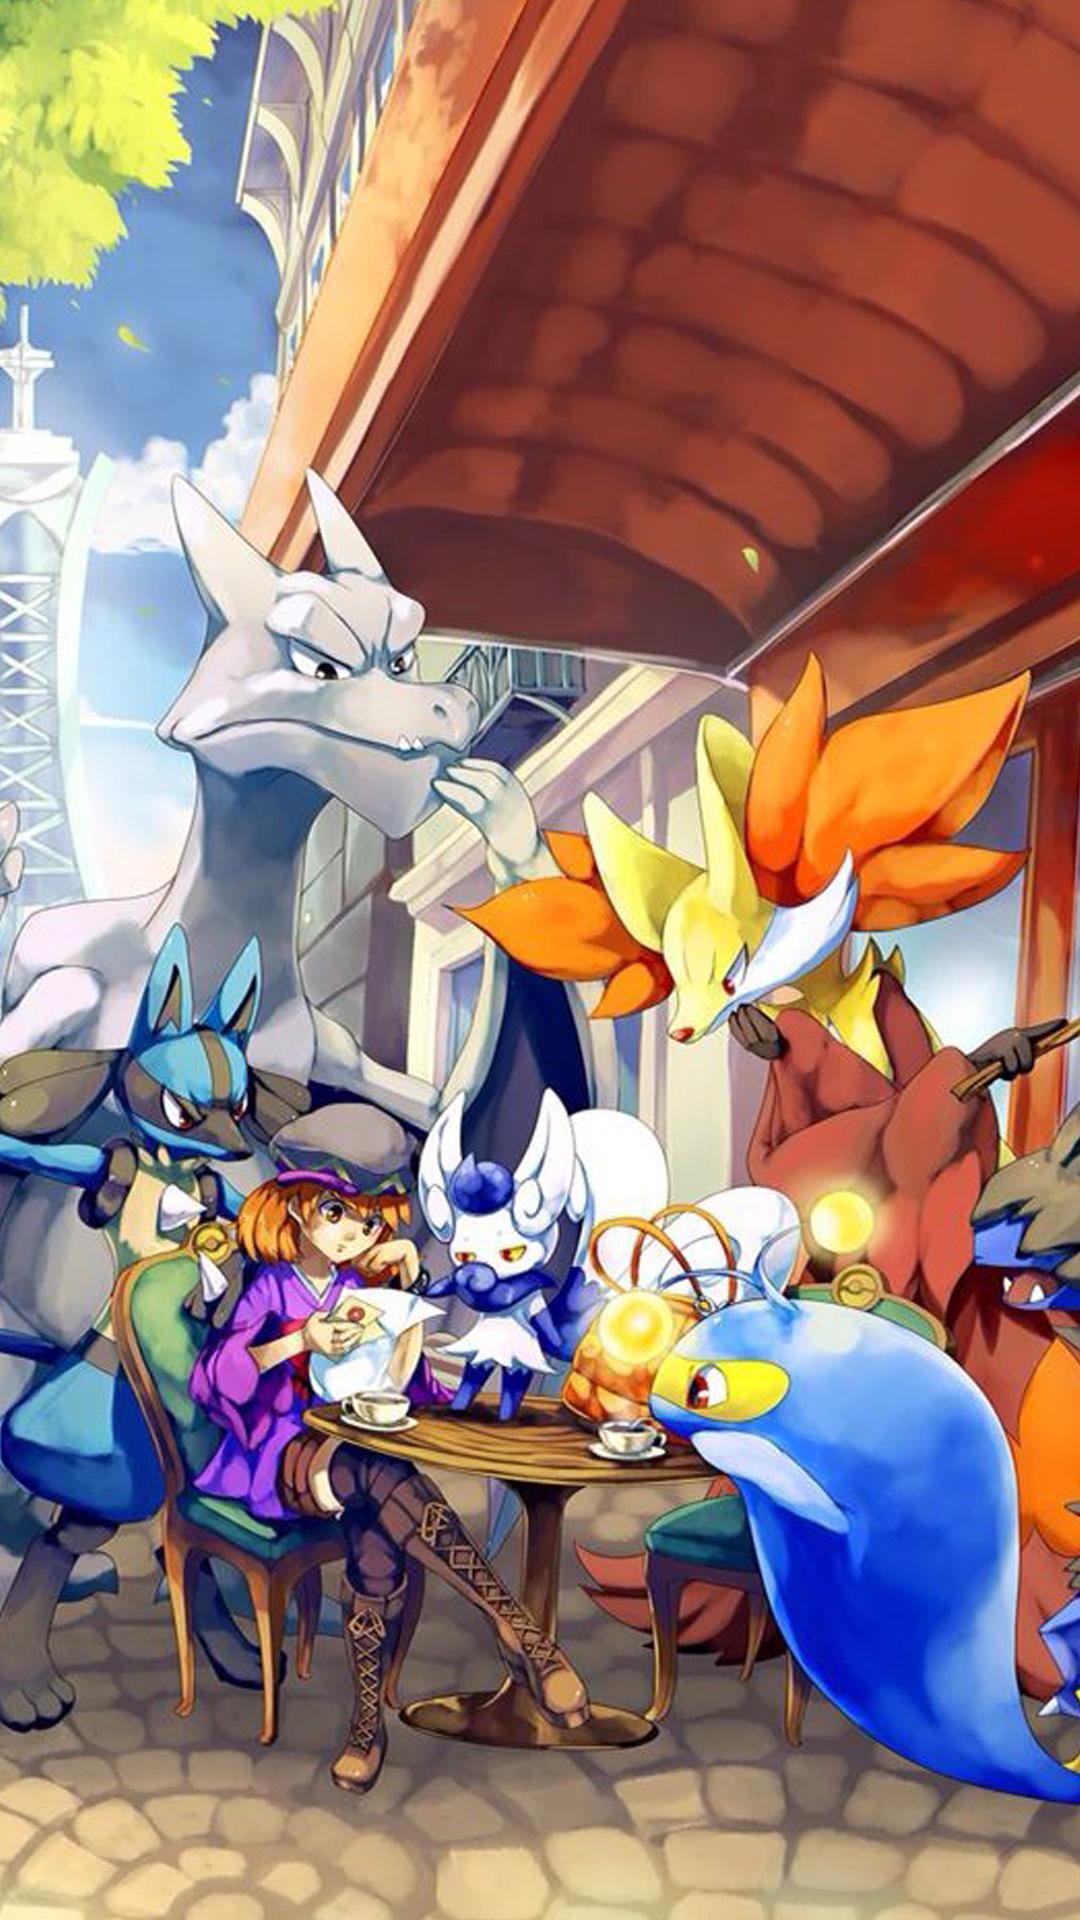 Pokemon Wallpaper für Android - APK herunterladen